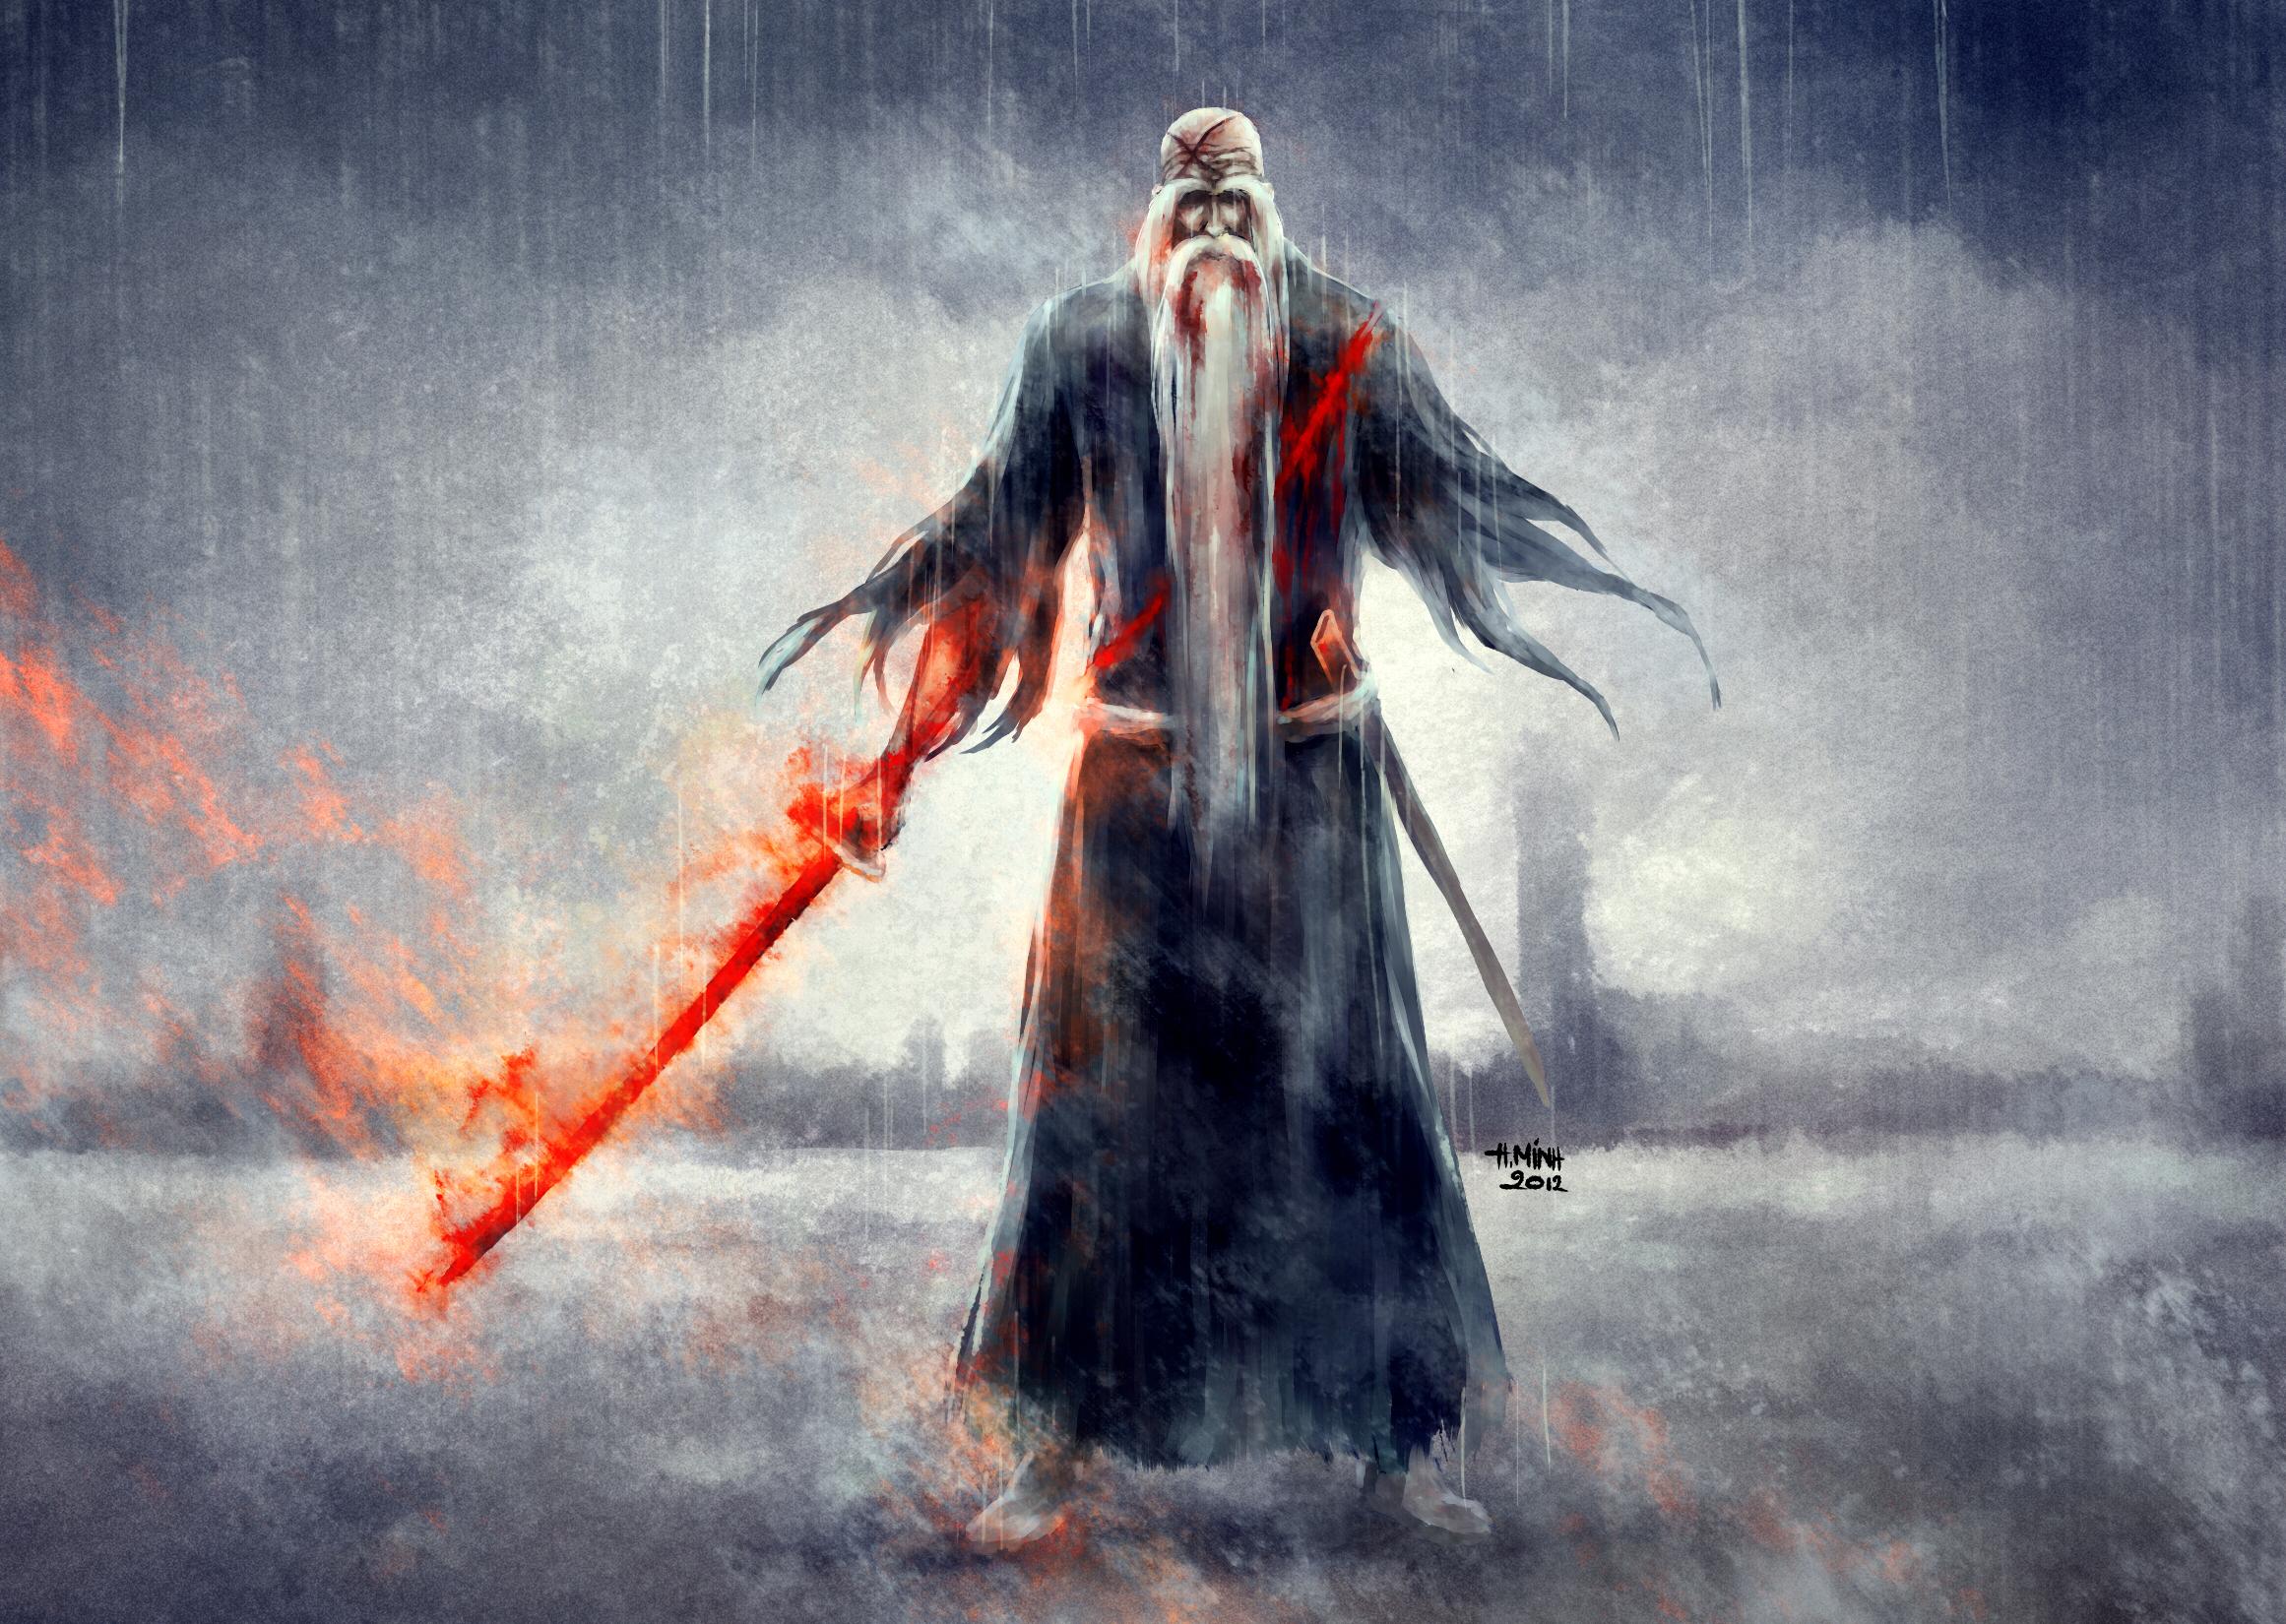 Мжчина с окровавленным мечем в огне  № 1840933  скачать